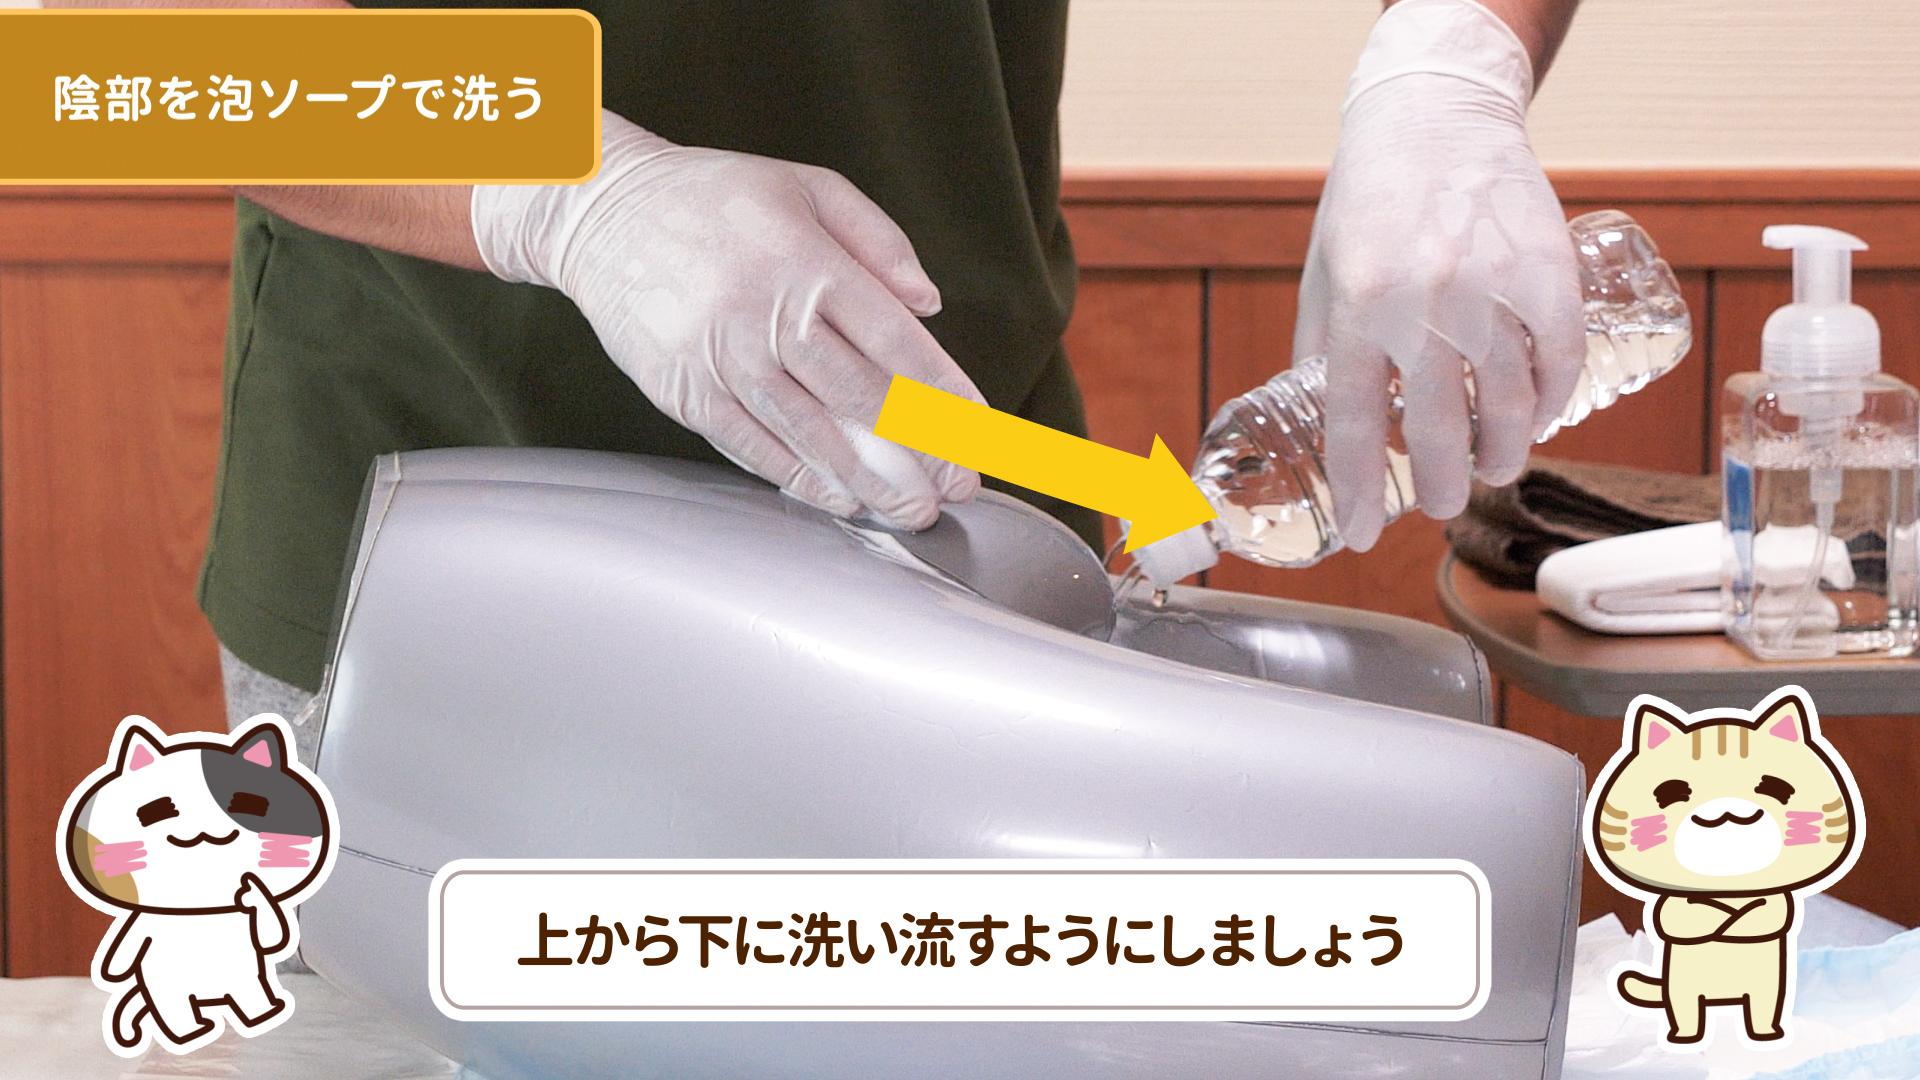 お湯をかけるのイメージ